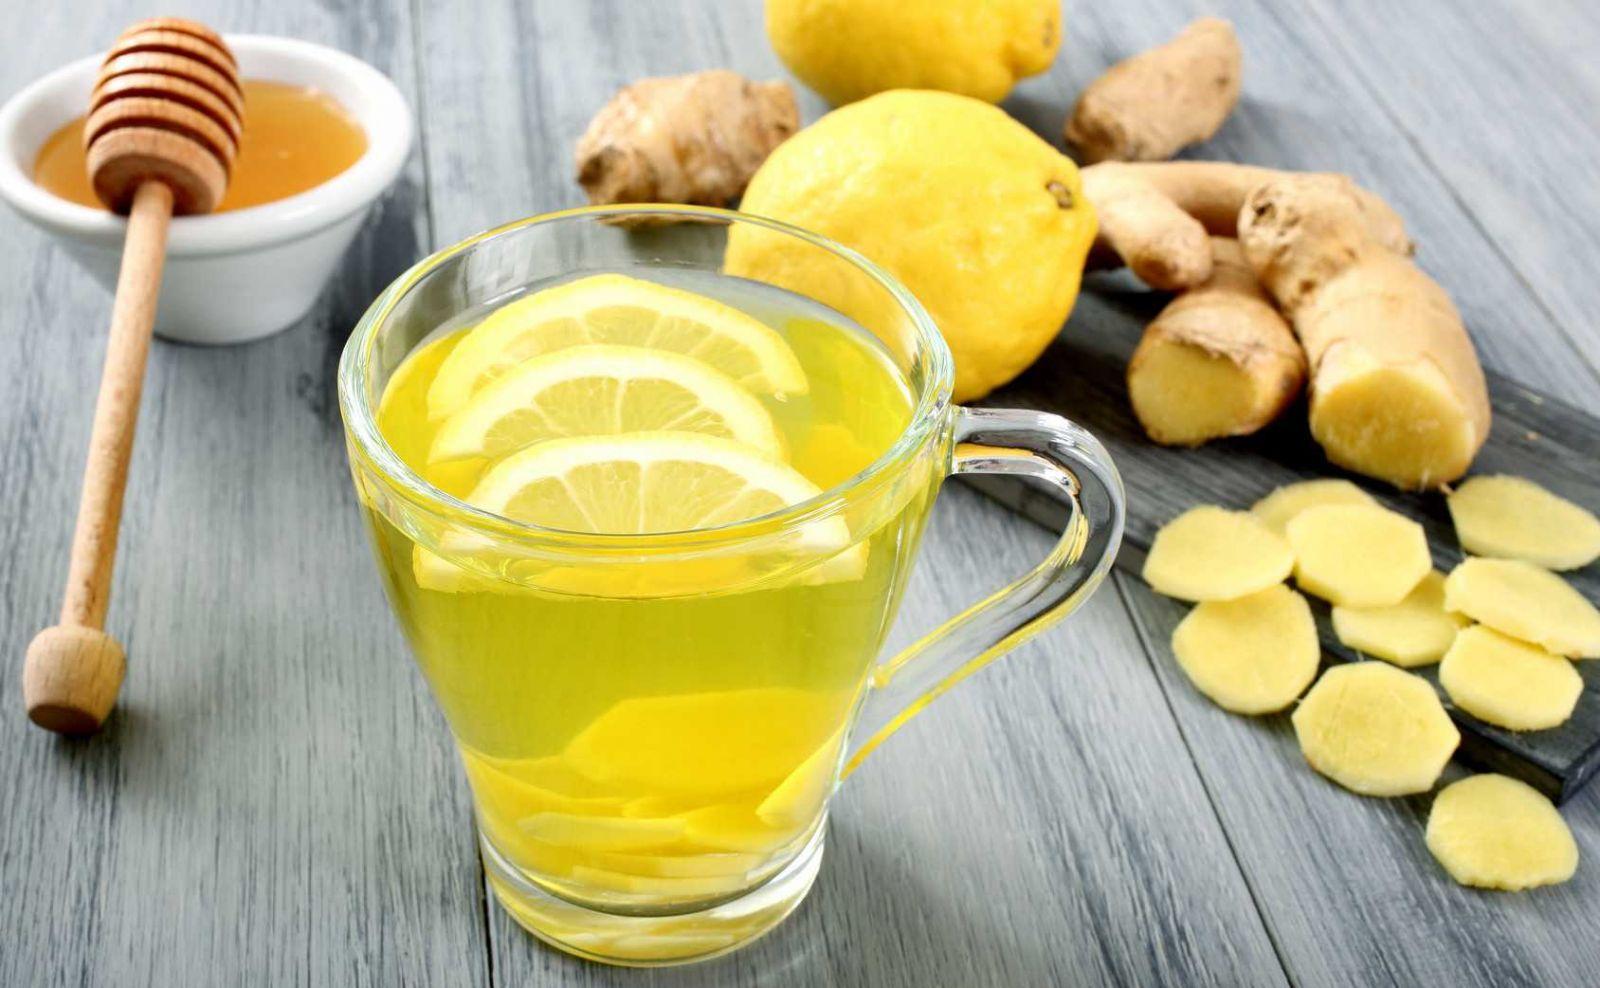 Имбирь и чеснок и лимон и мед для похудения